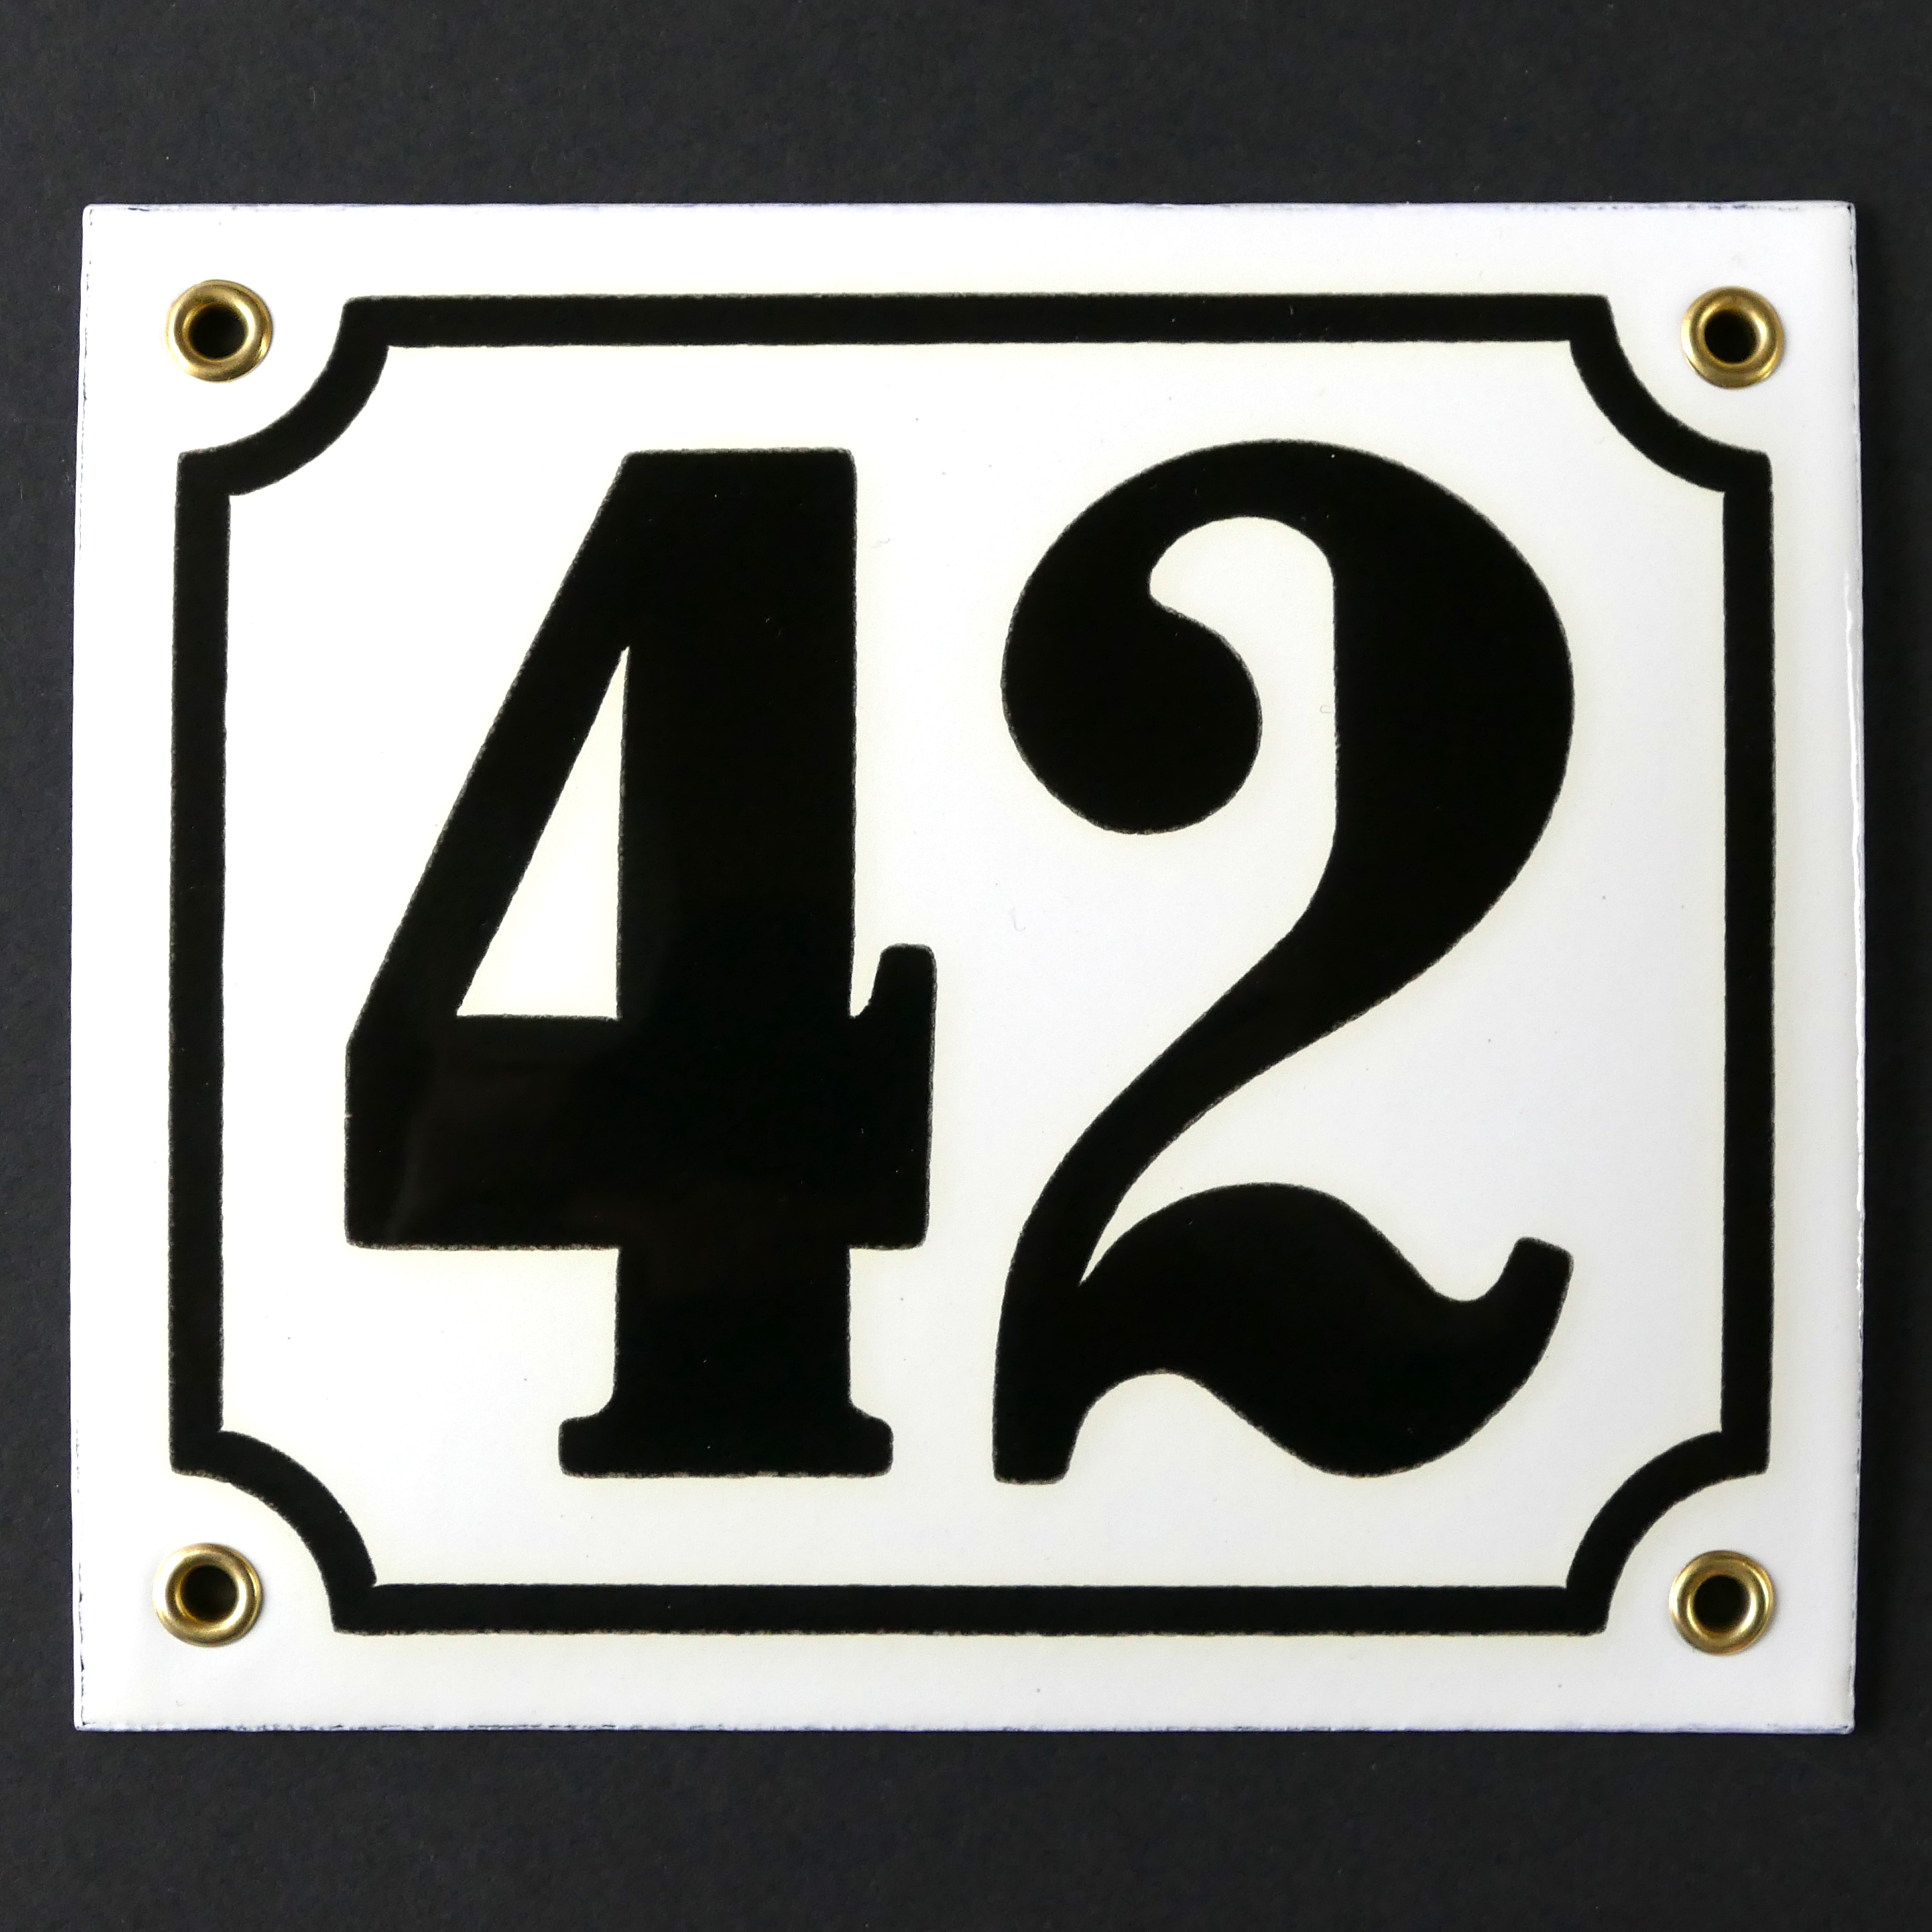 Hausnummer Emailleschild